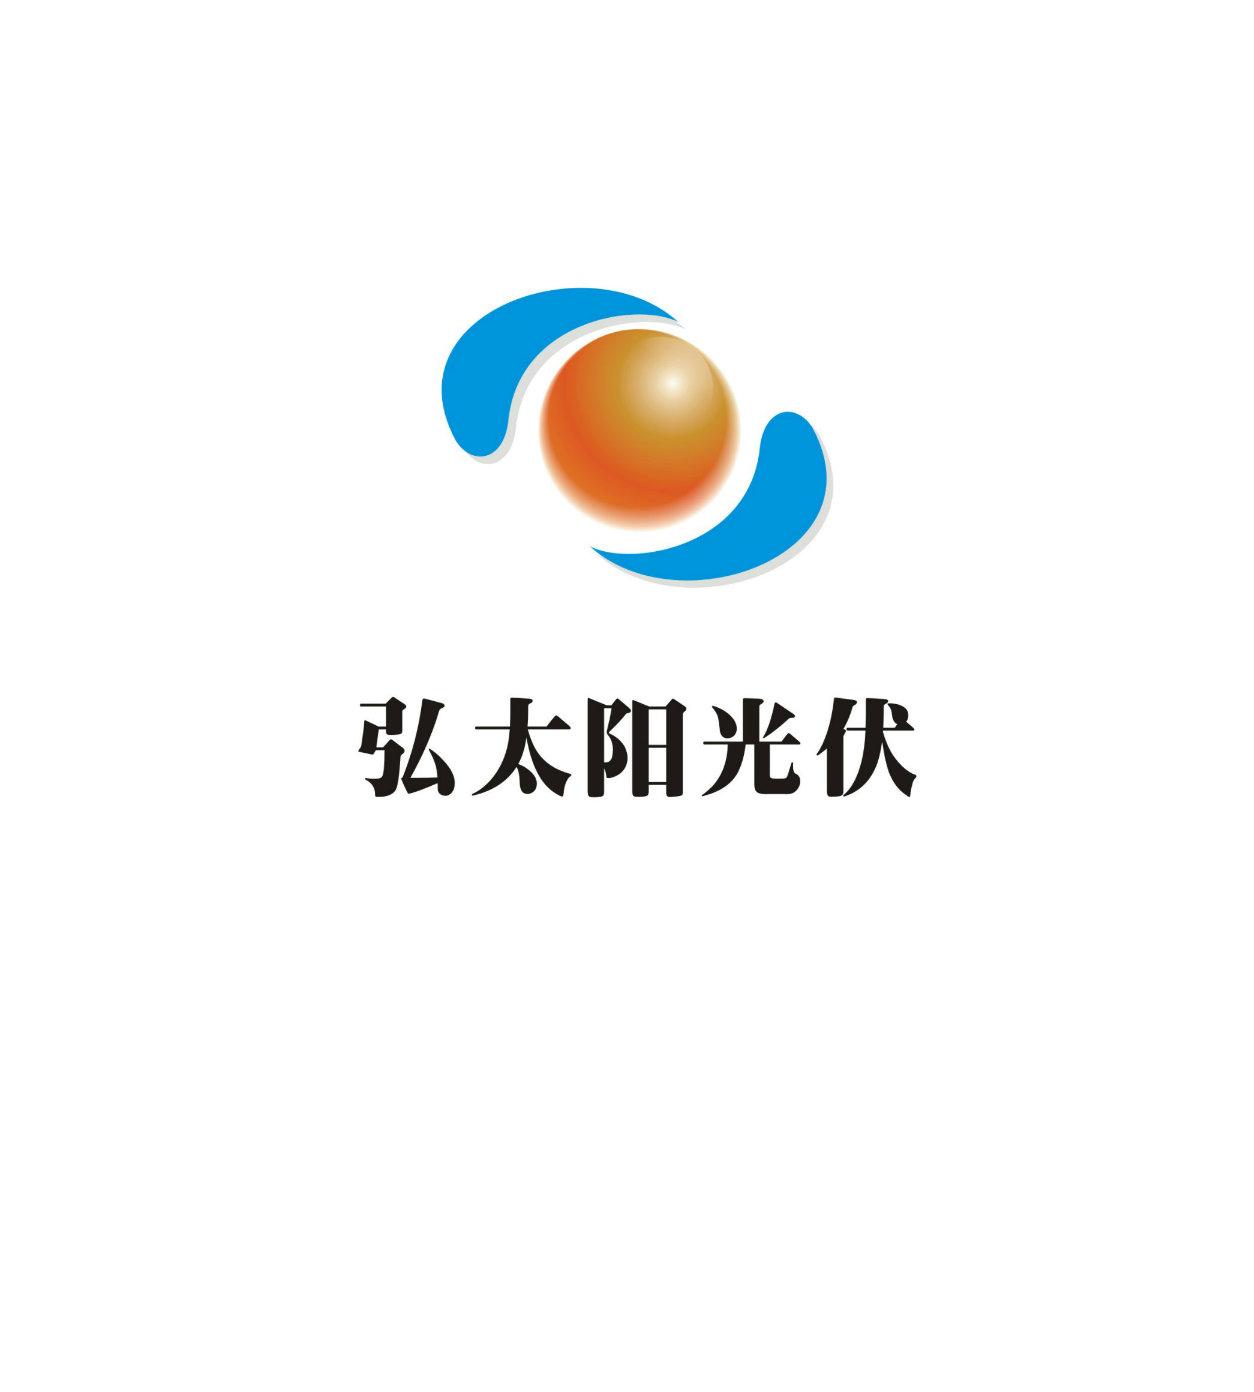 河南弘太陽光伏科技有限公司